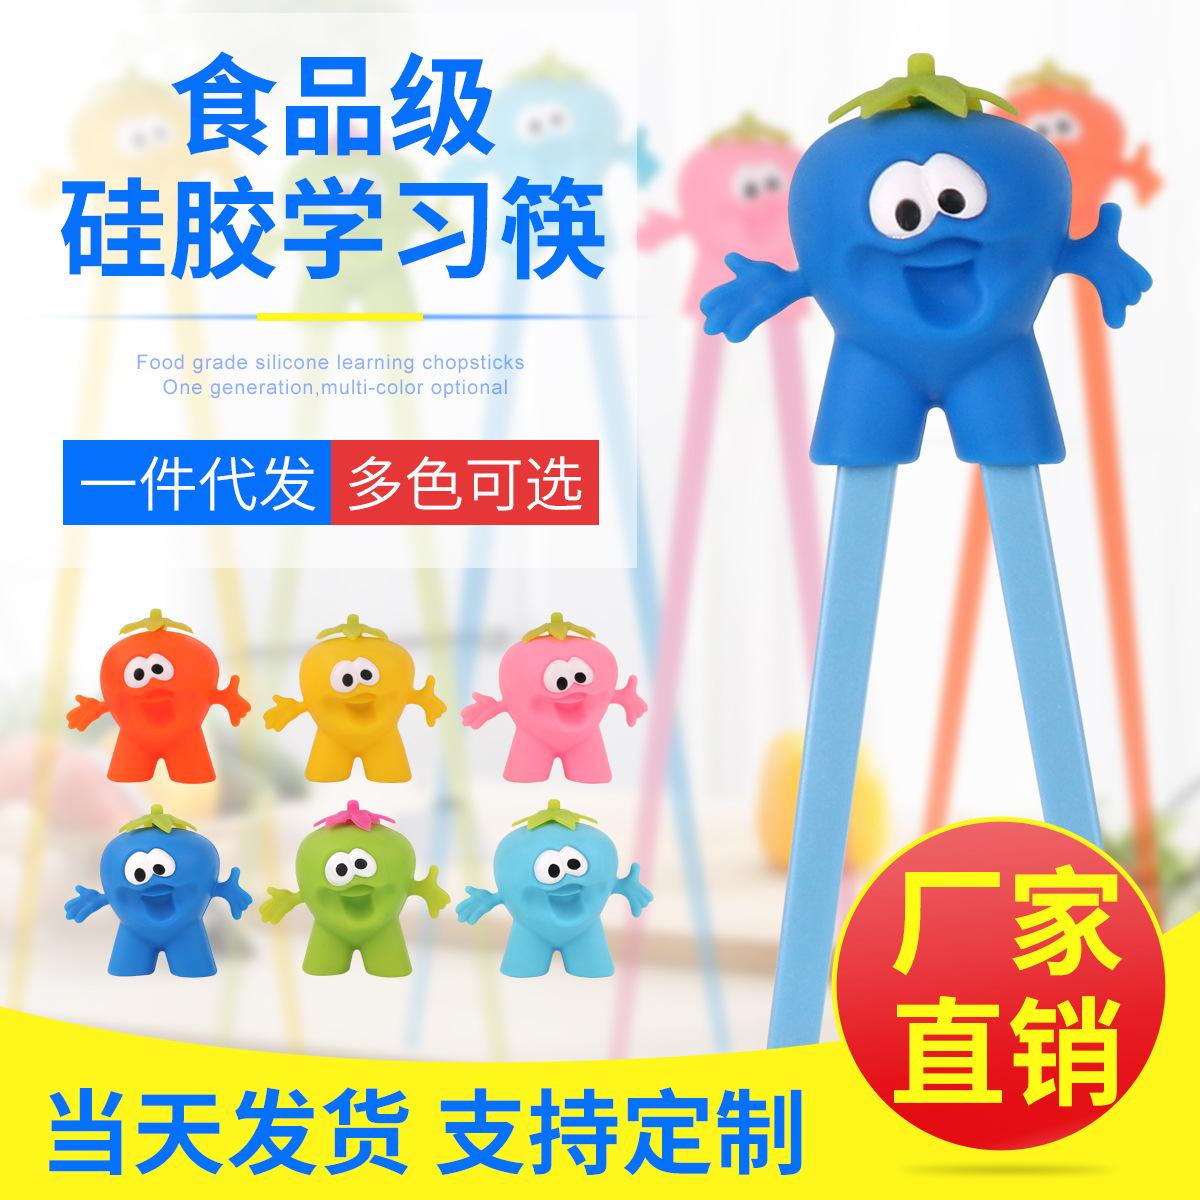 草莓硅胶卡通公仔学习筷 创意婴幼儿童训练筷 练习筷 辅助筷子